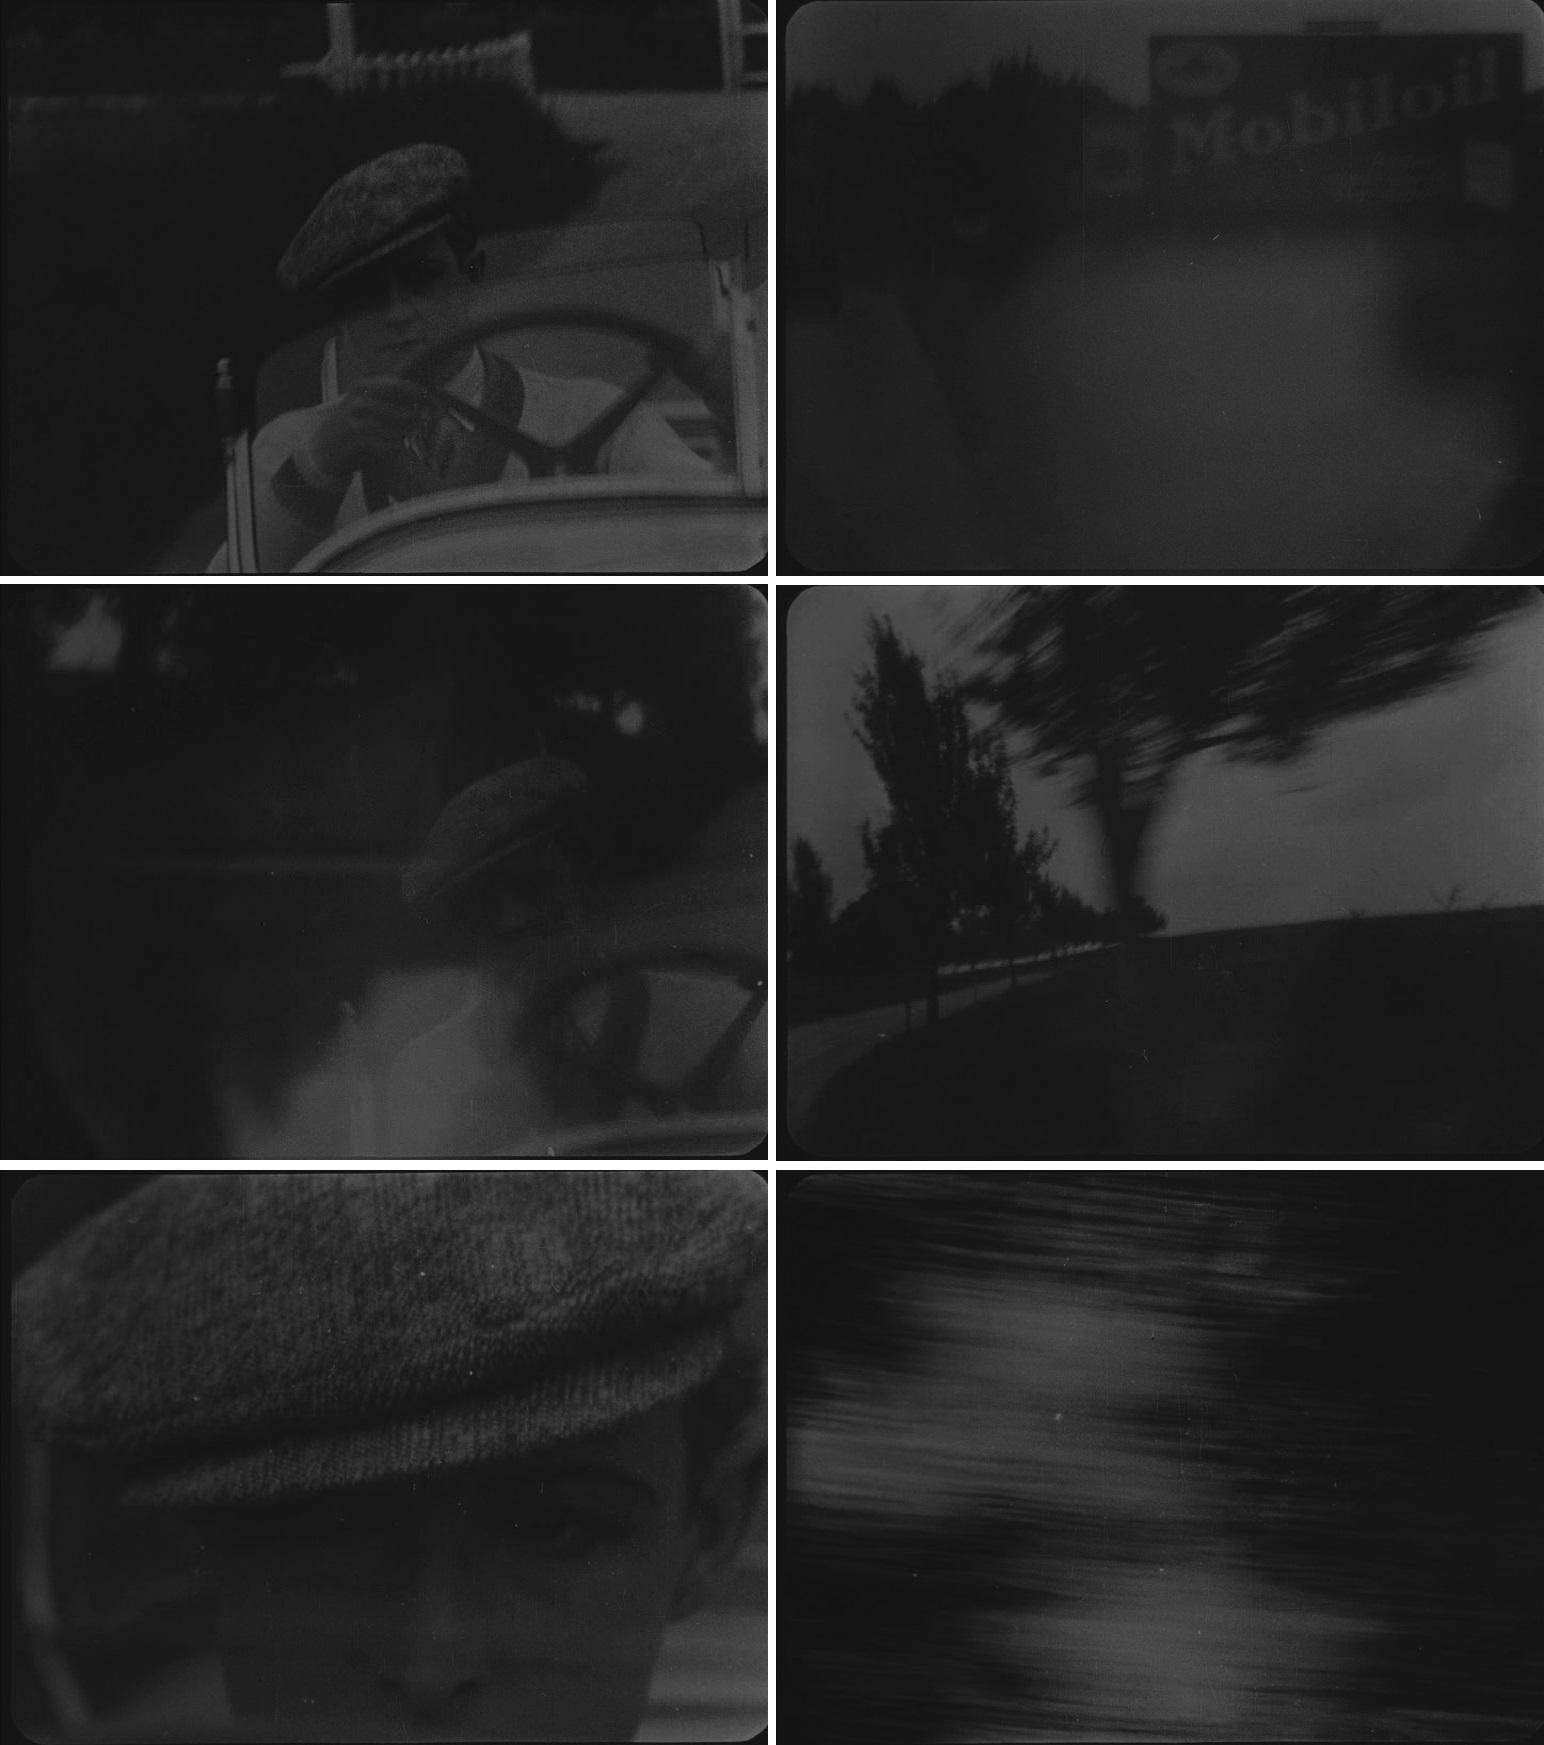 lo specchio a tre facce epstein recensione immagine-movimento movimento fotogenia automobile finale la glace à trois faces epstein deleuze photogénie voiture lo specchio scuro